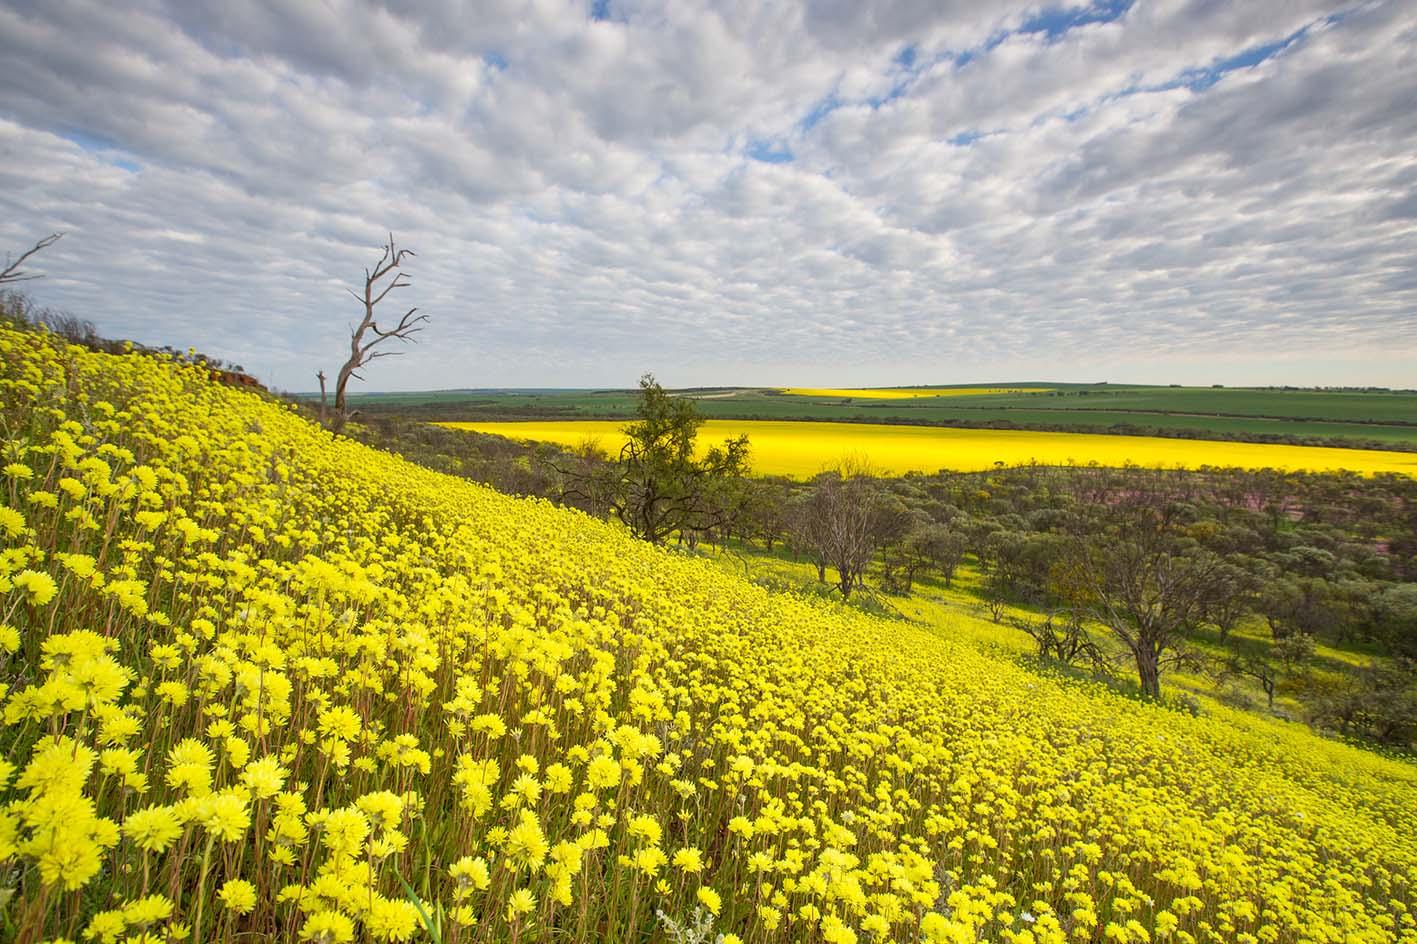 1万2000種以上の野生の草花が大地を美しく彩る、西オーストラリアはワイルドフラワー天国!